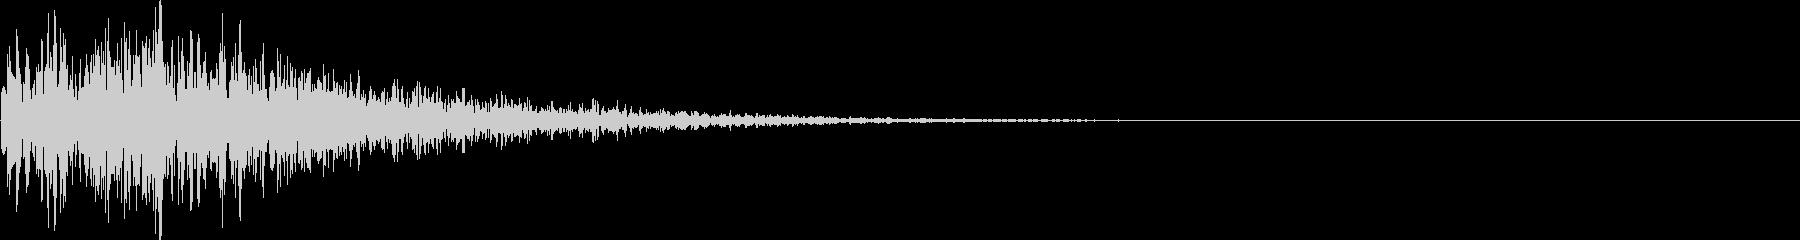 ブワブワ(ダメージ・闇魔法)の未再生の波形